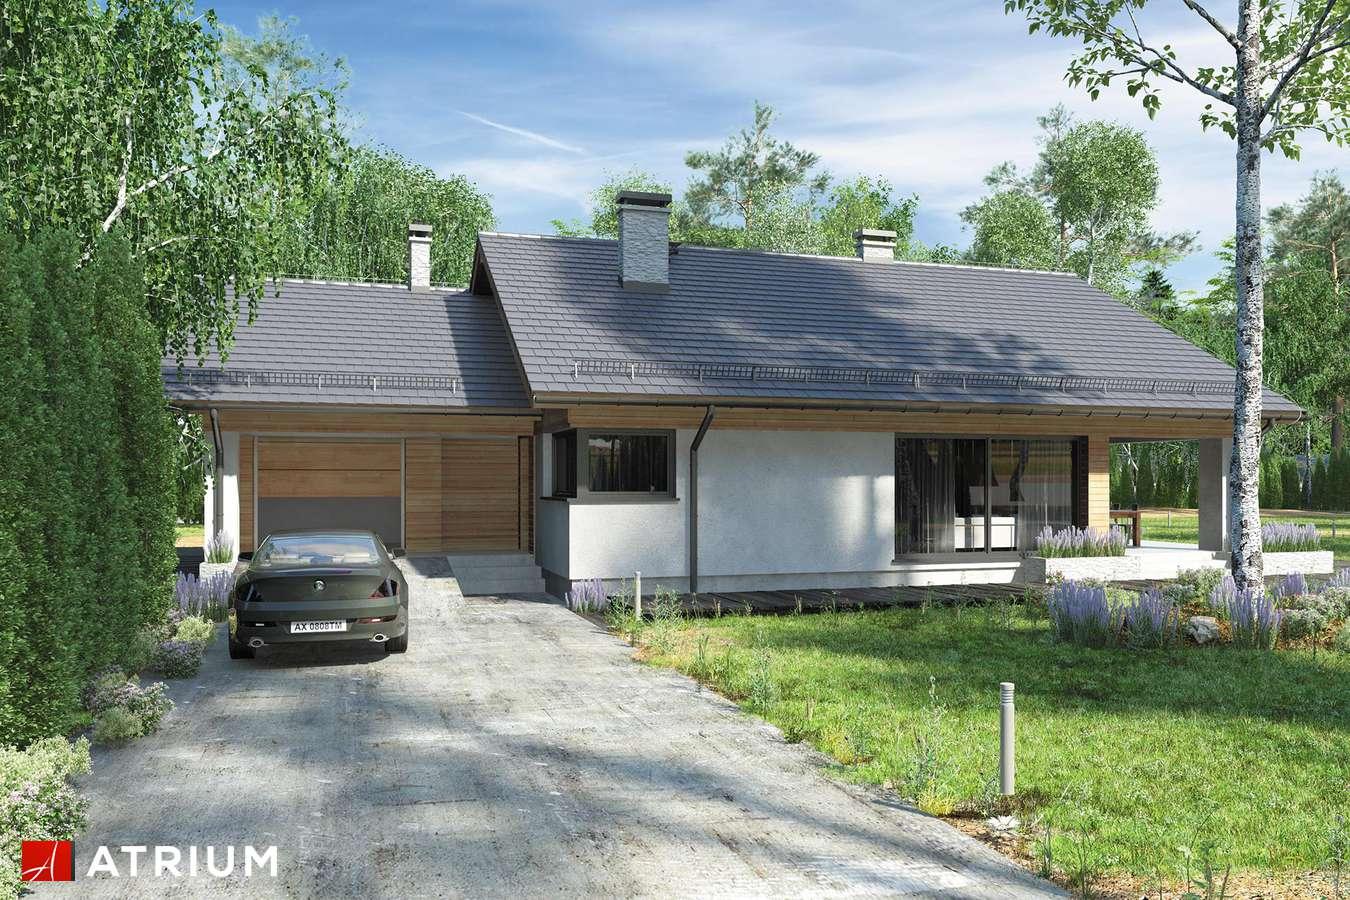 Projekty domów - Projekt domu z poddaszem KOS VII - wizualizacja 1 - wersja lustrzana